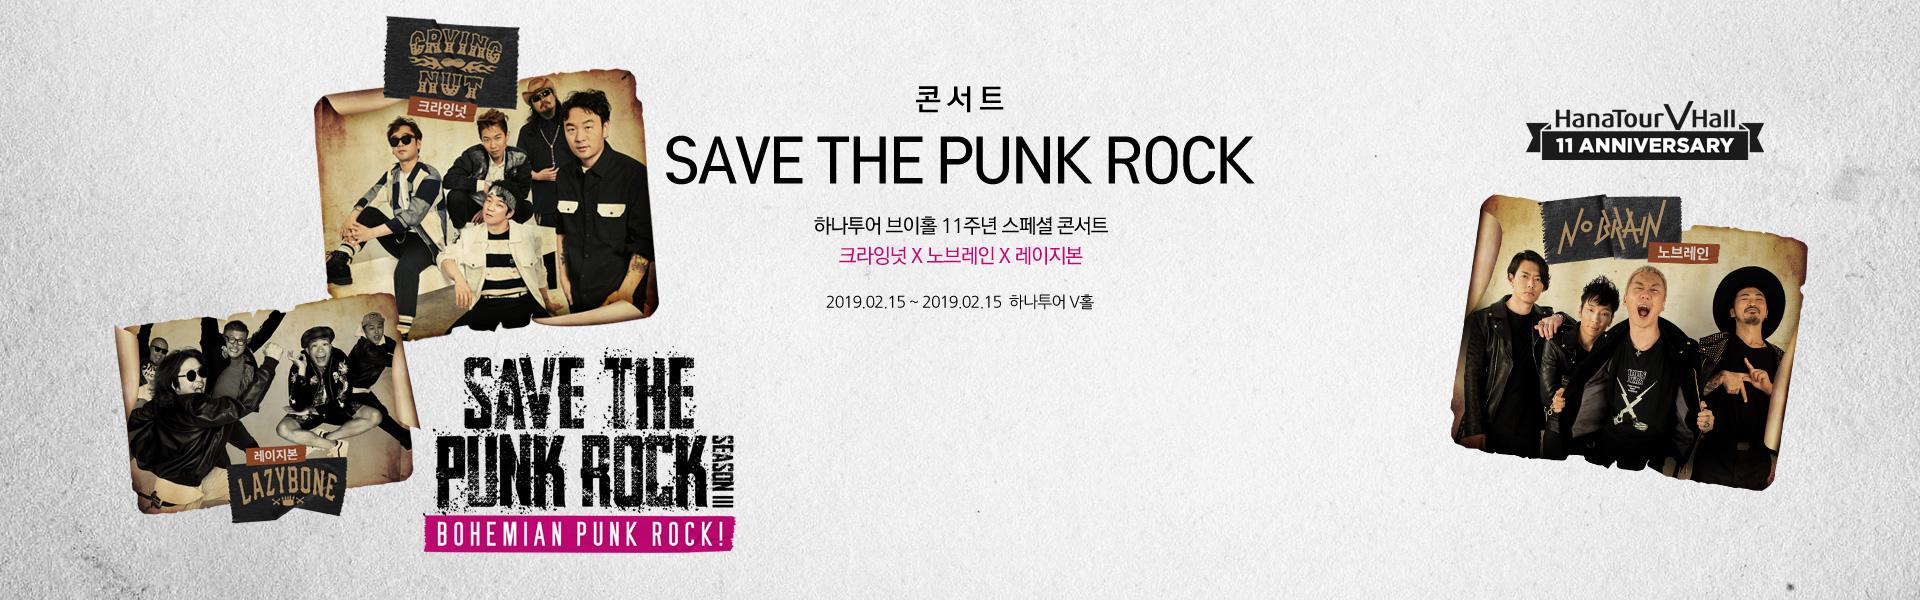 [크라잉넛 X 노브레인 X 레이지본] SAVE THE PUNK ROC